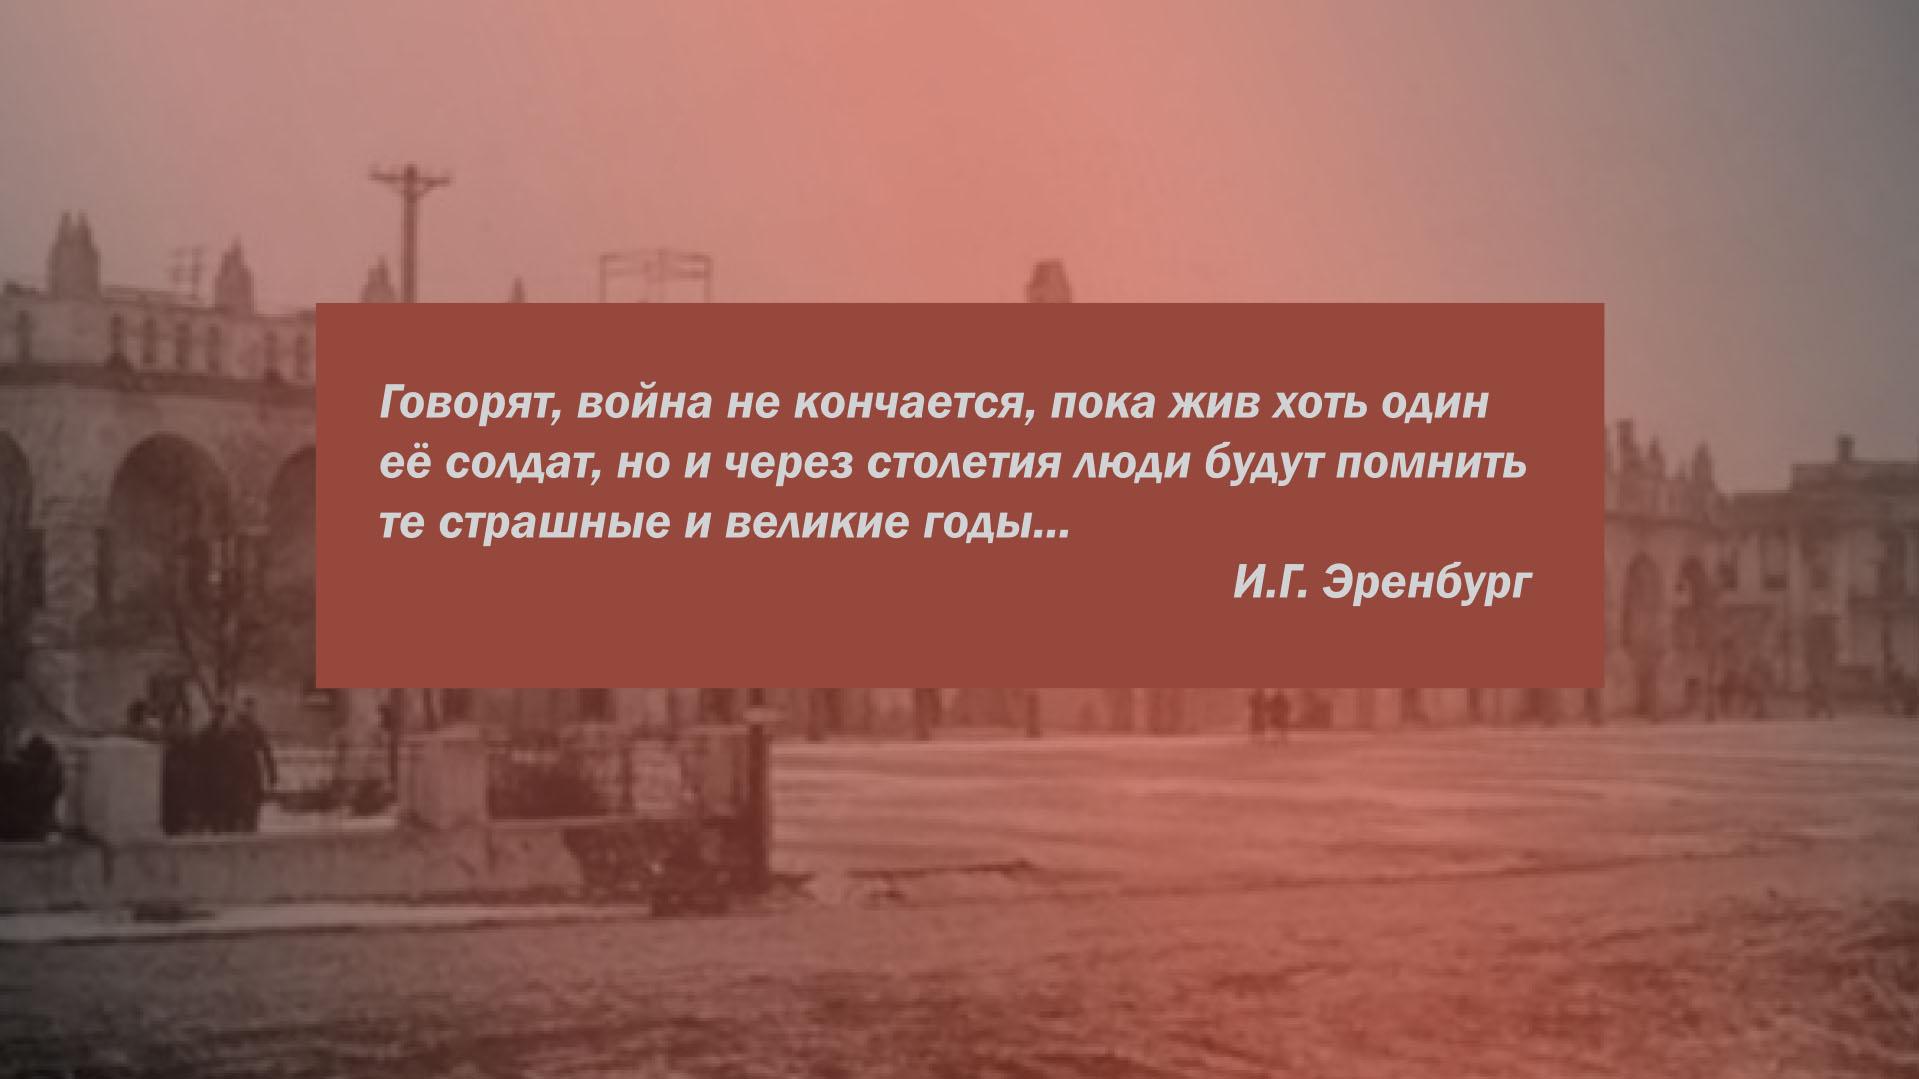 Цитата И.Г. Эренбурга